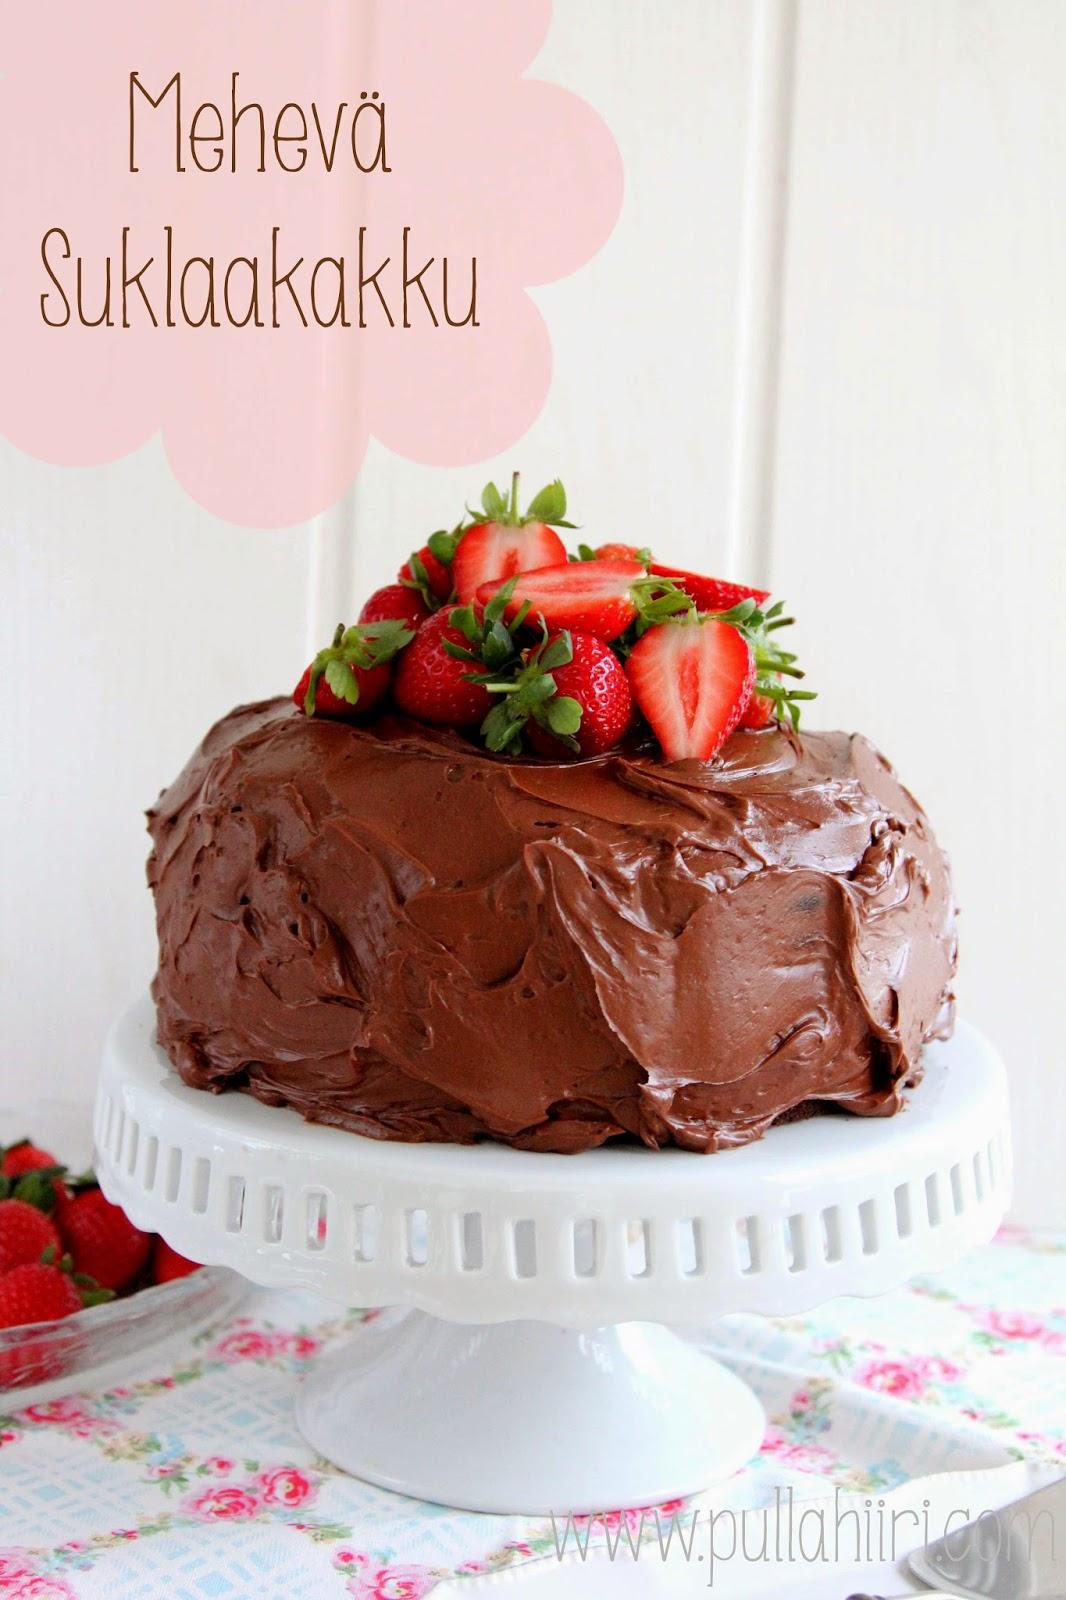 http://www.pullahiiri.com/2014/04/meheva-suklaakakku-tuoreilla-mansikoilla.html